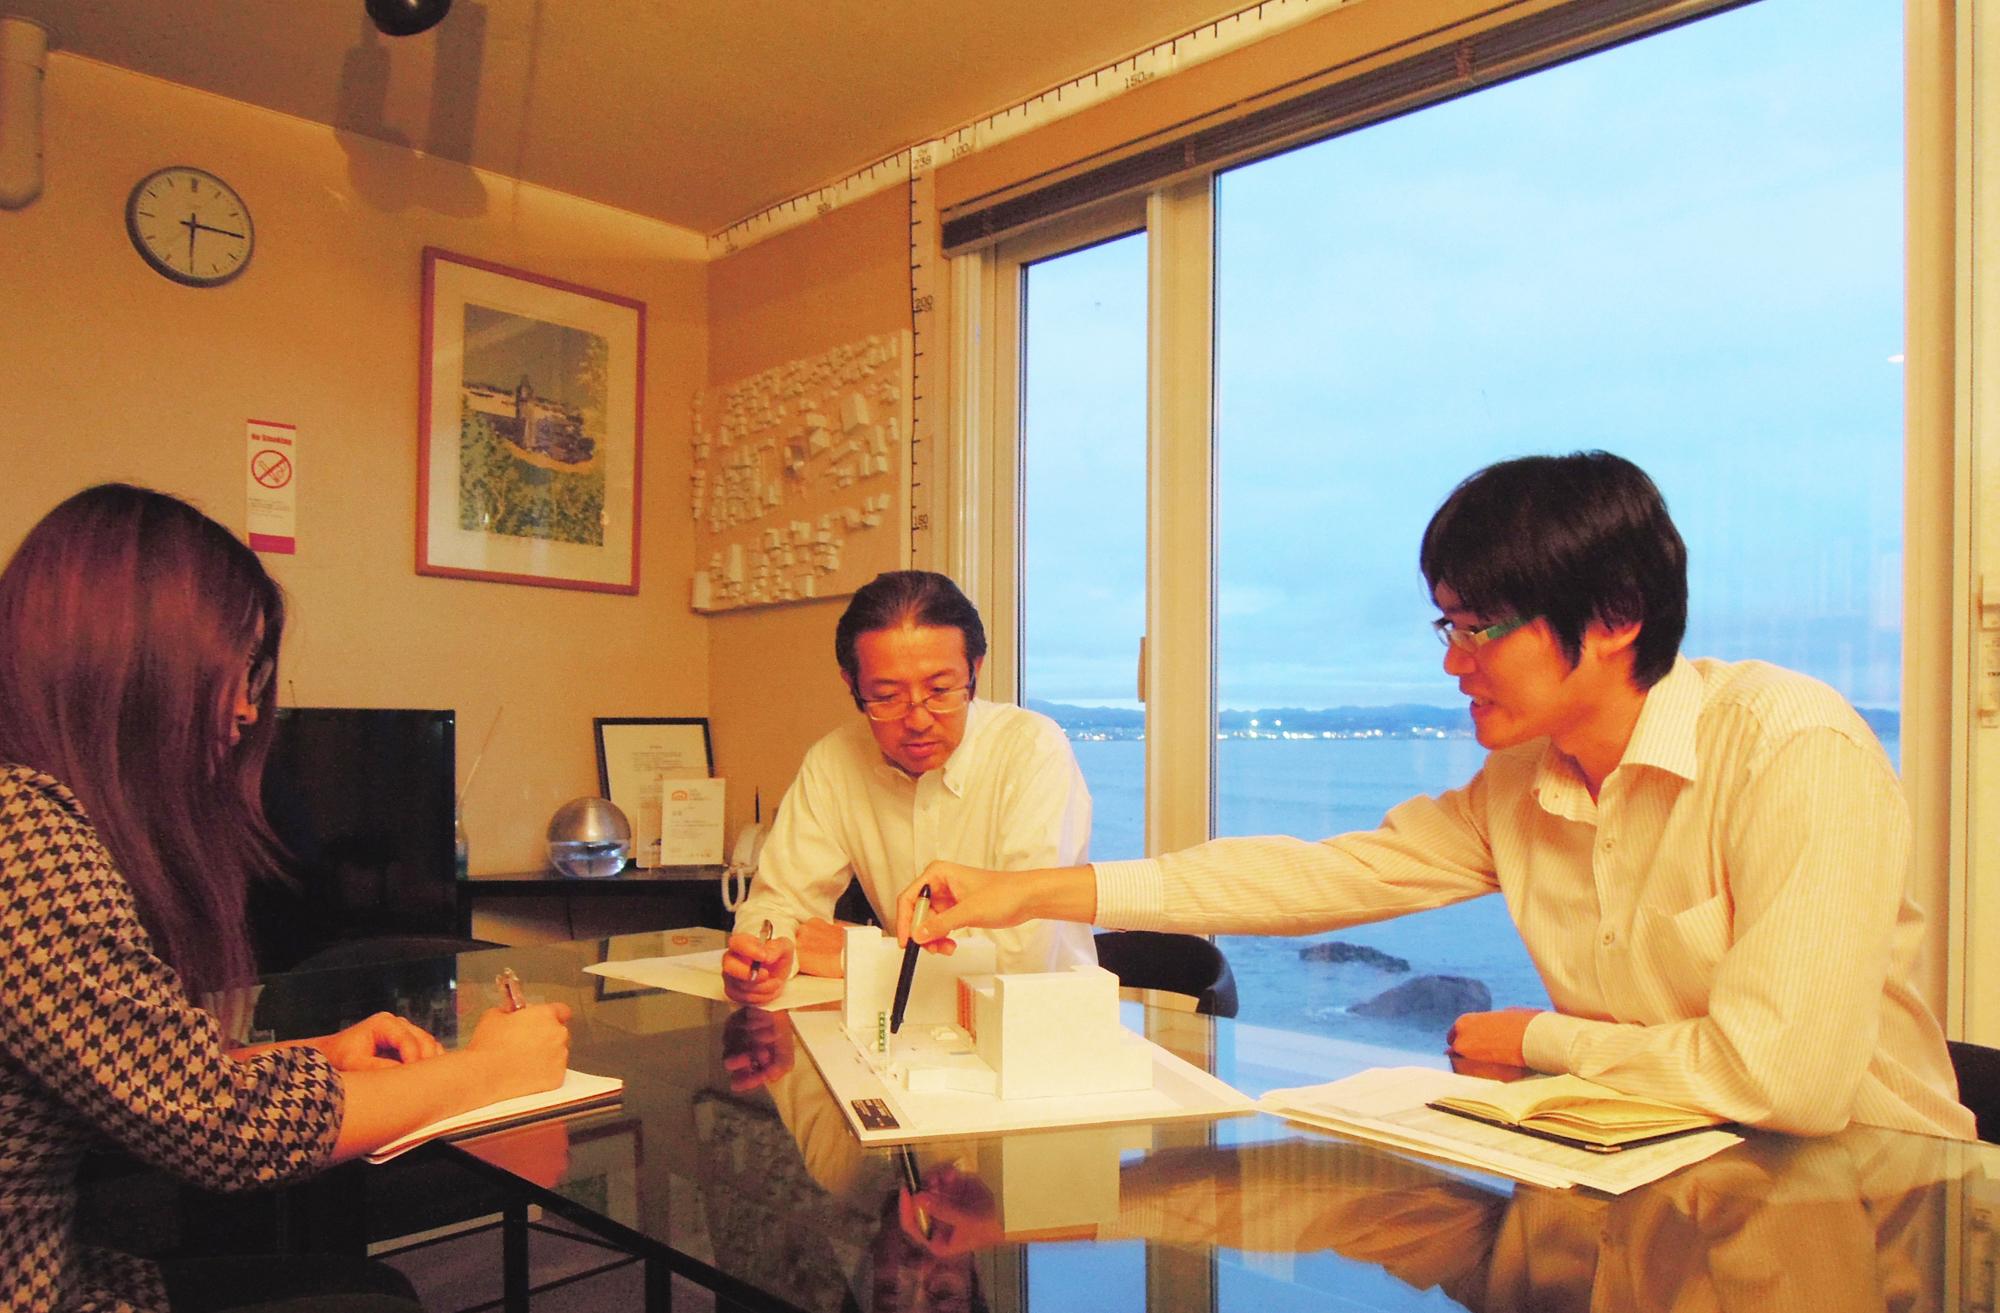 津軽海峡に面したオフィスでの打ち合わせ風景